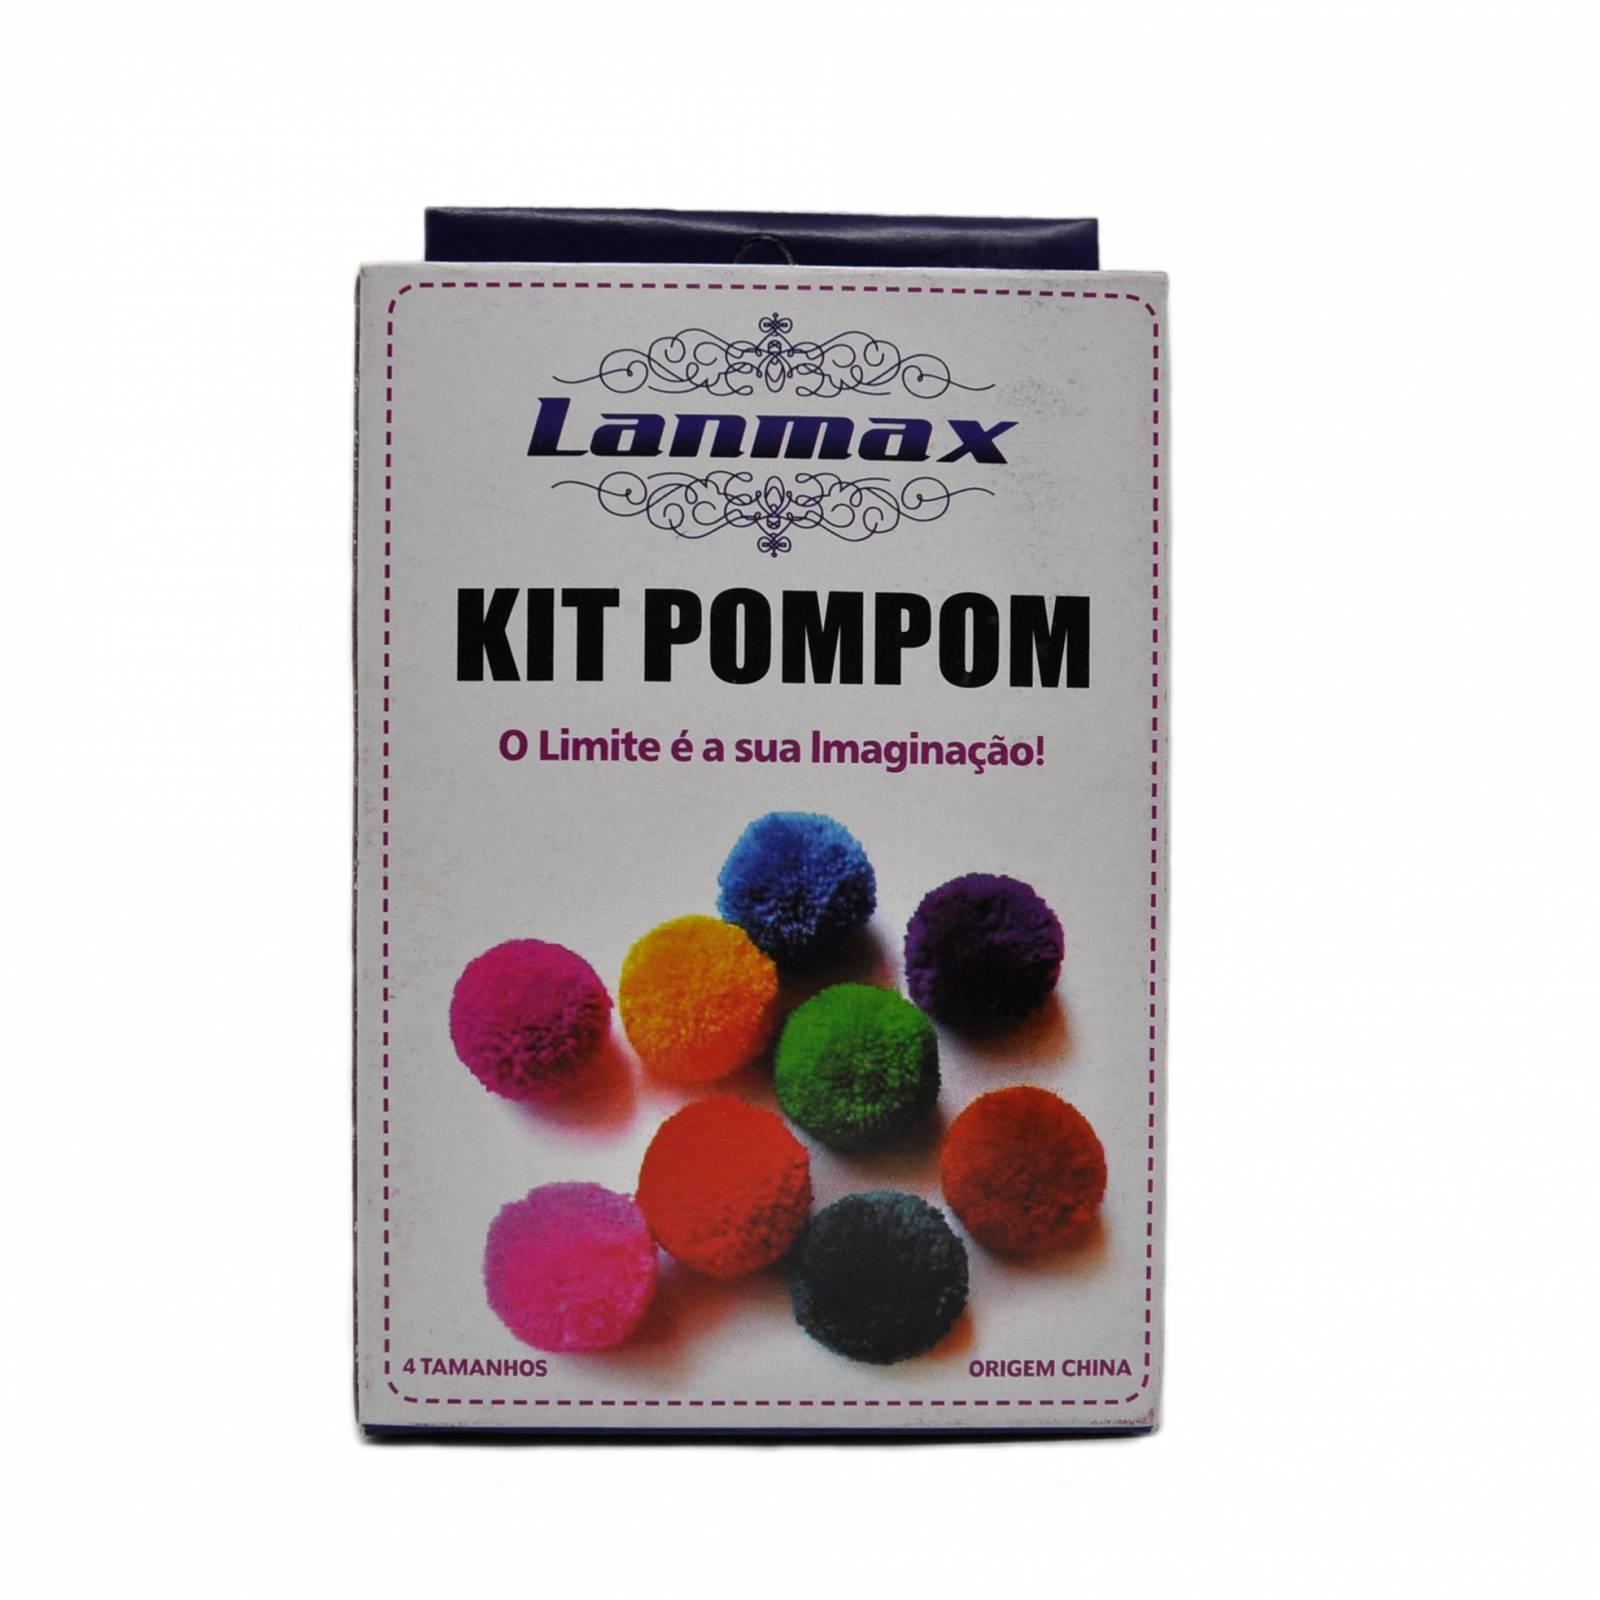 Kit Pompom - BAÚ DA VOVÓ